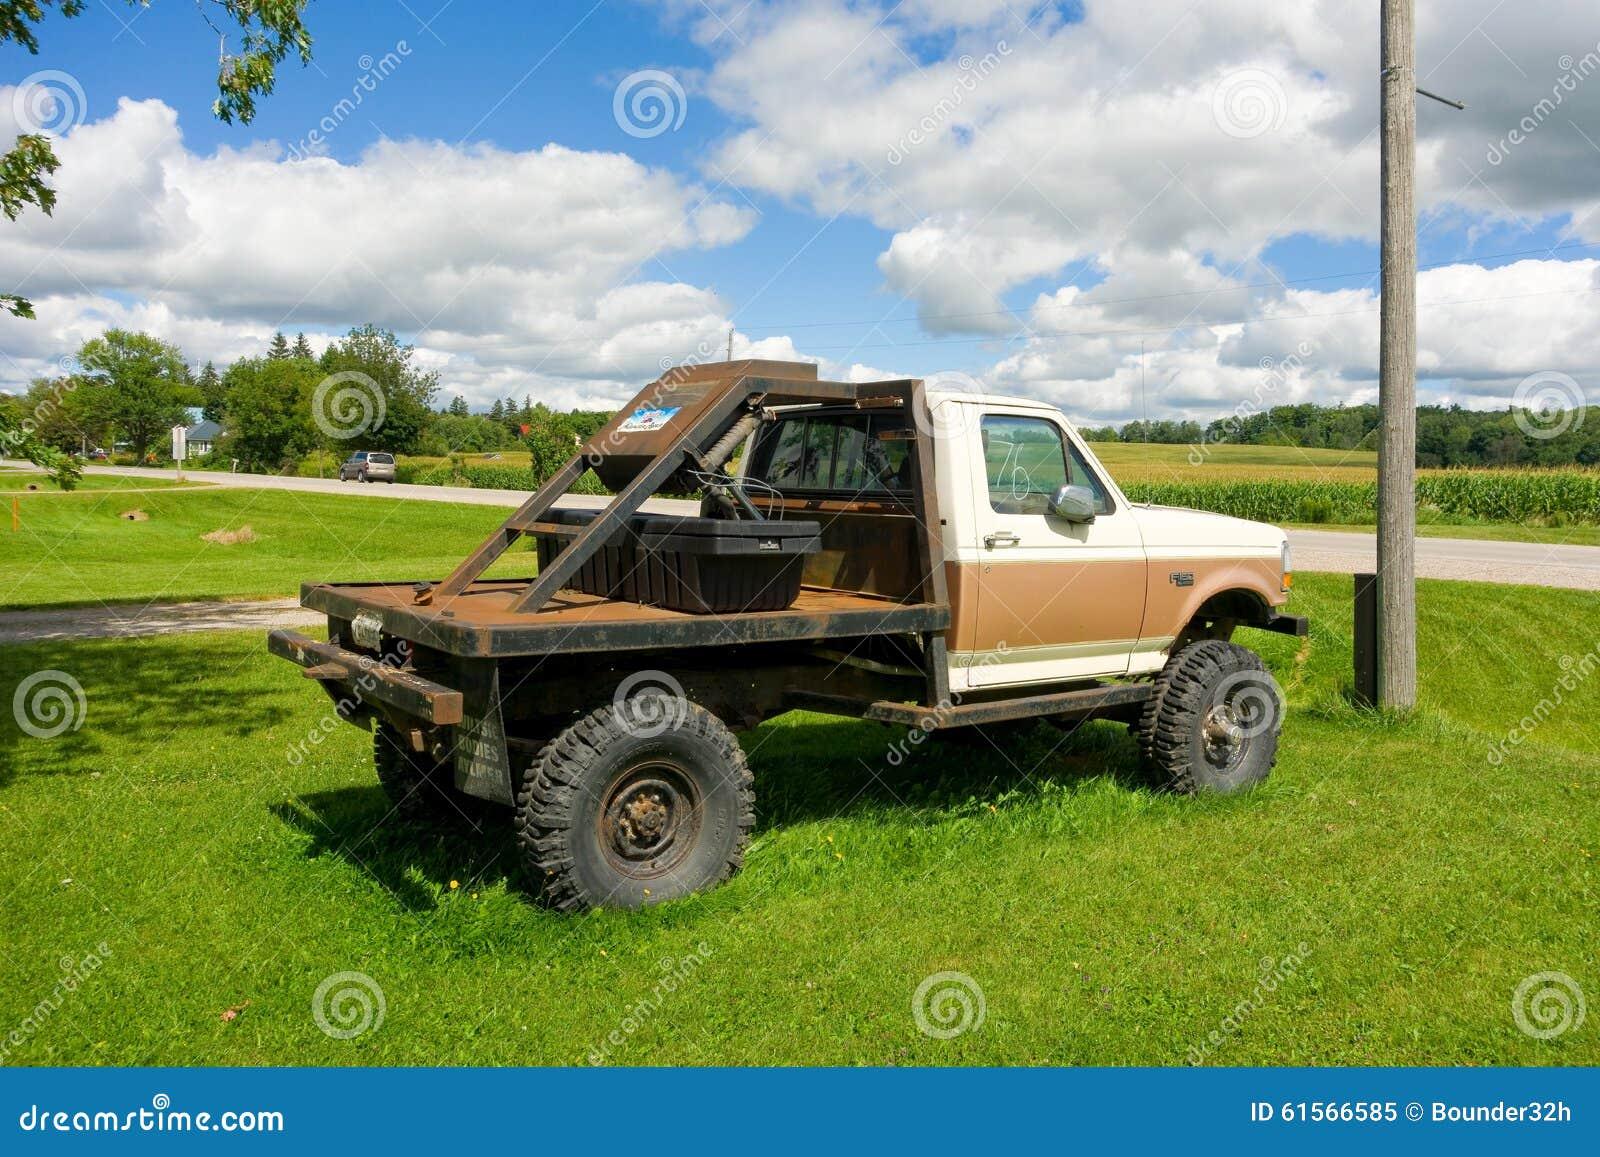 Camion A Vendre >> Un Vieux Camion A Vendre Dans Le Canada Image Editorial